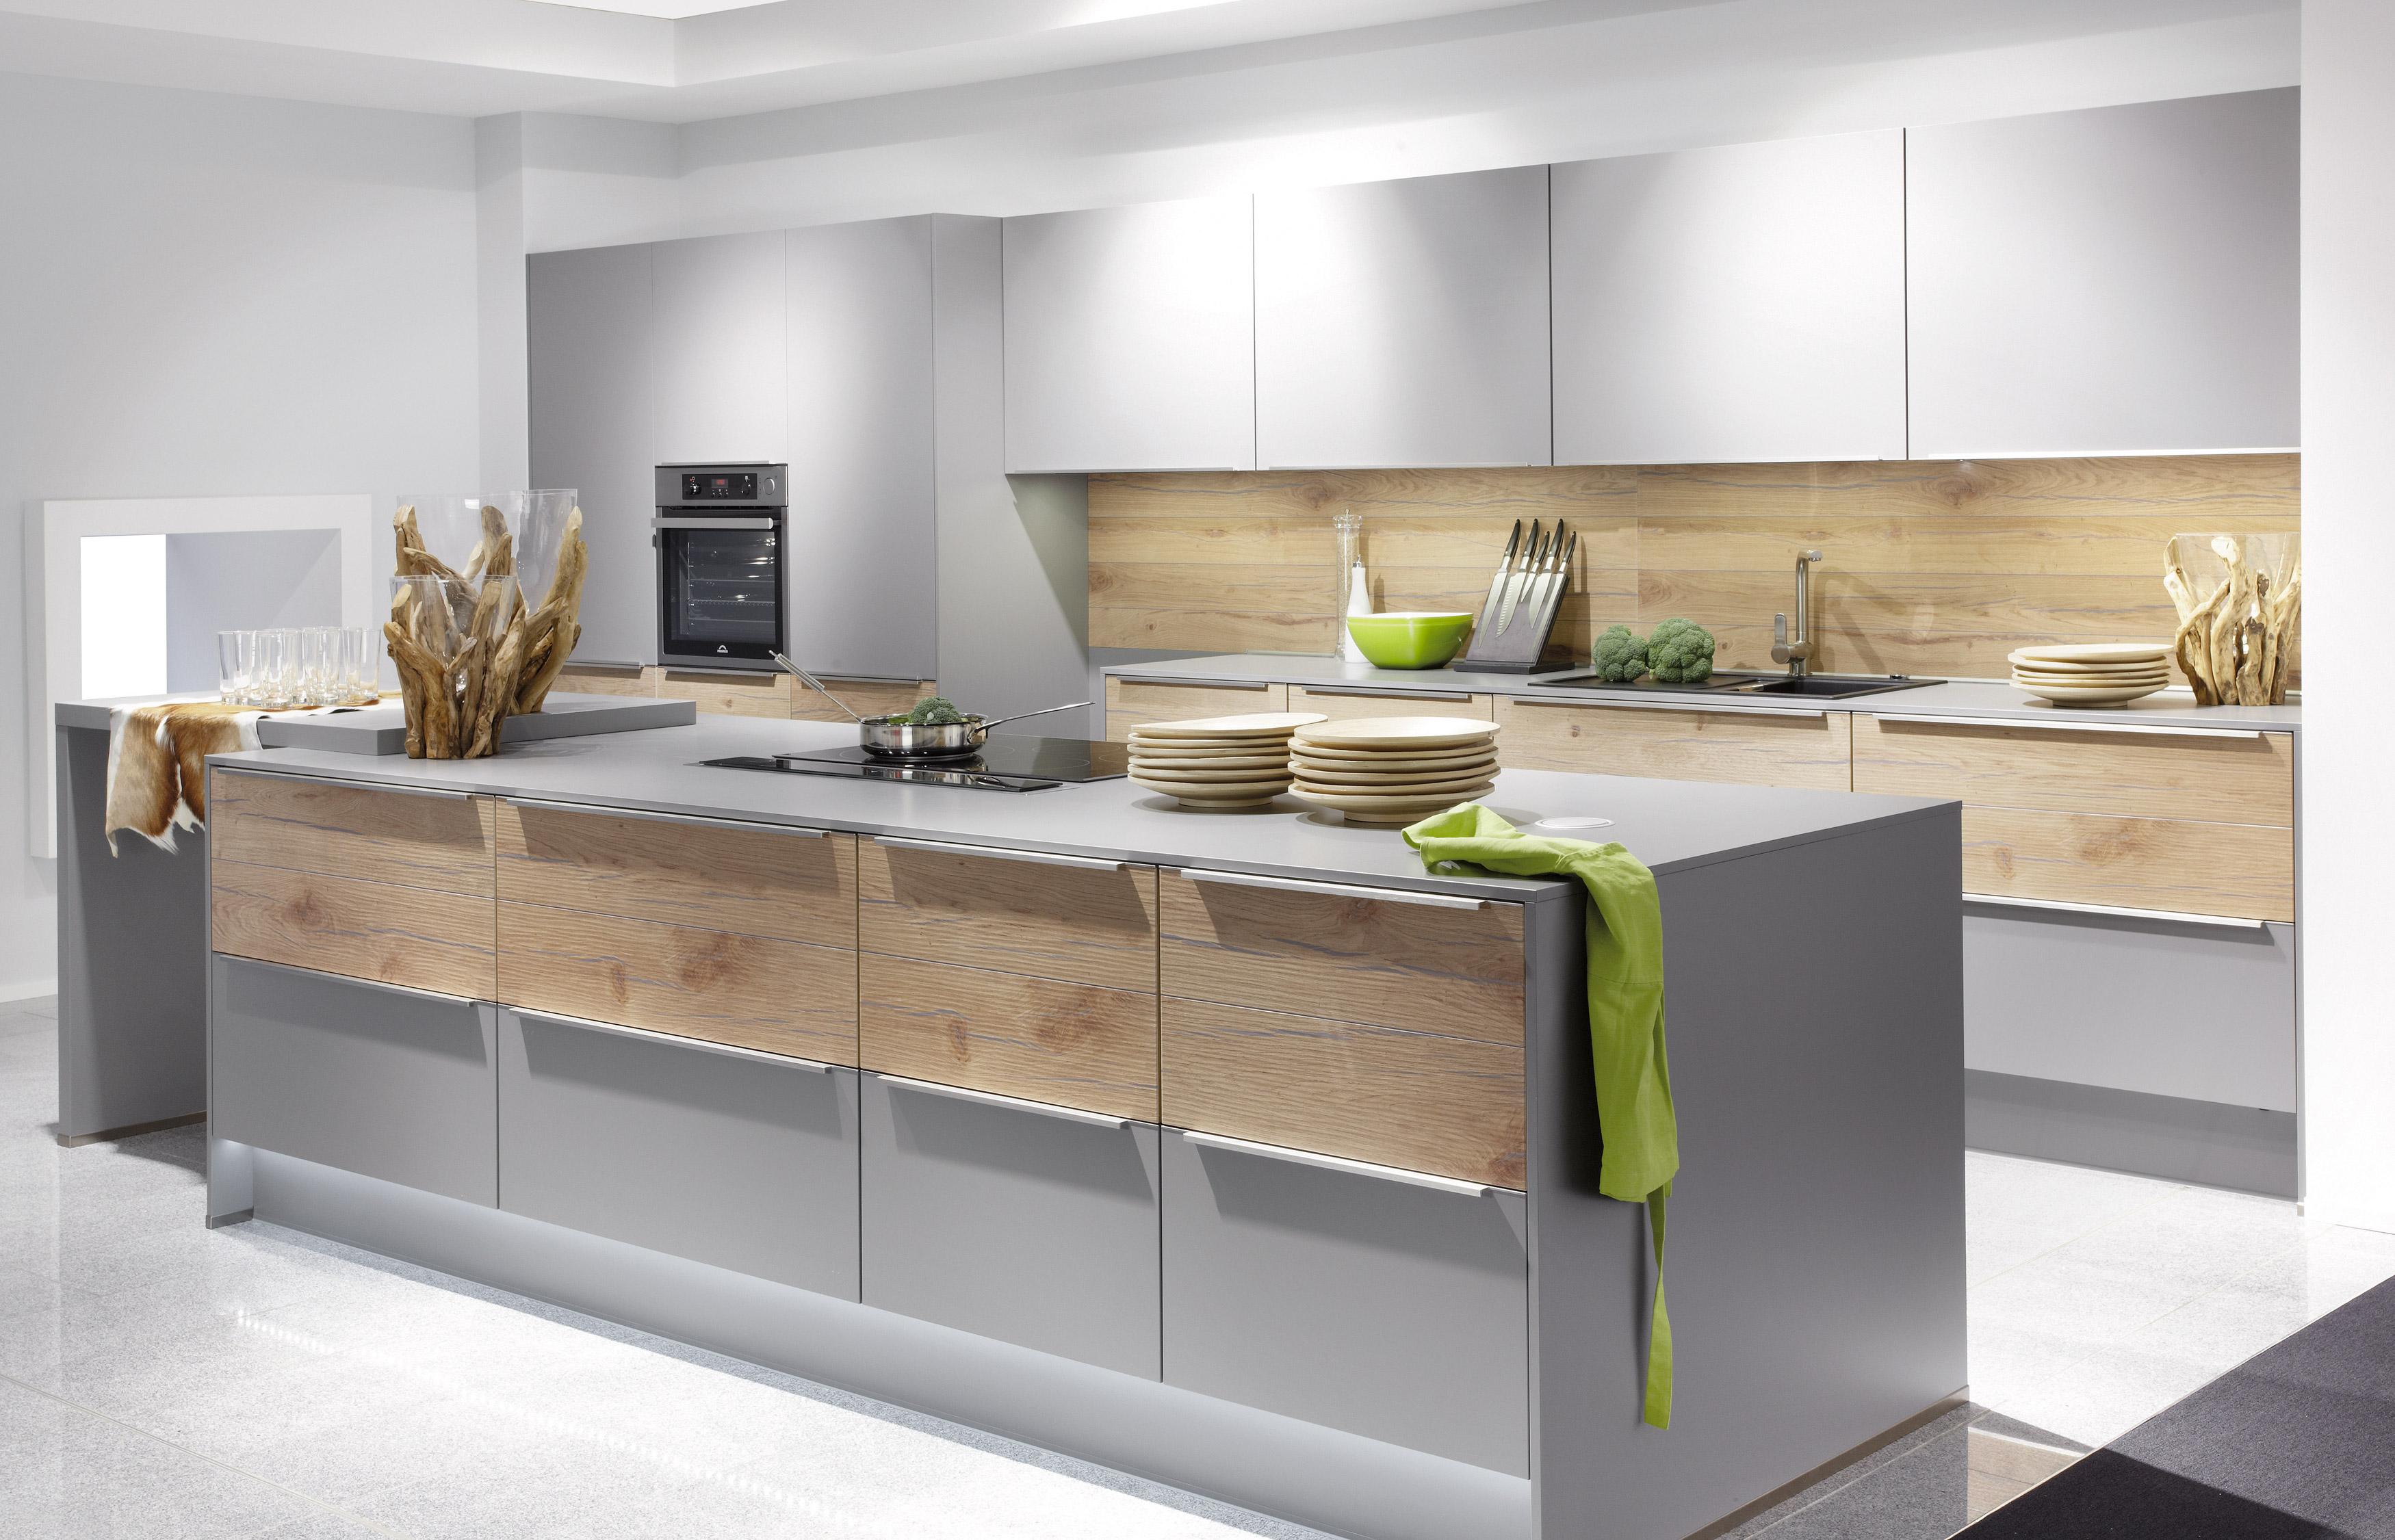 Muebles de cocina y ba o hermanos casado - Muebles cocina tarragona ...